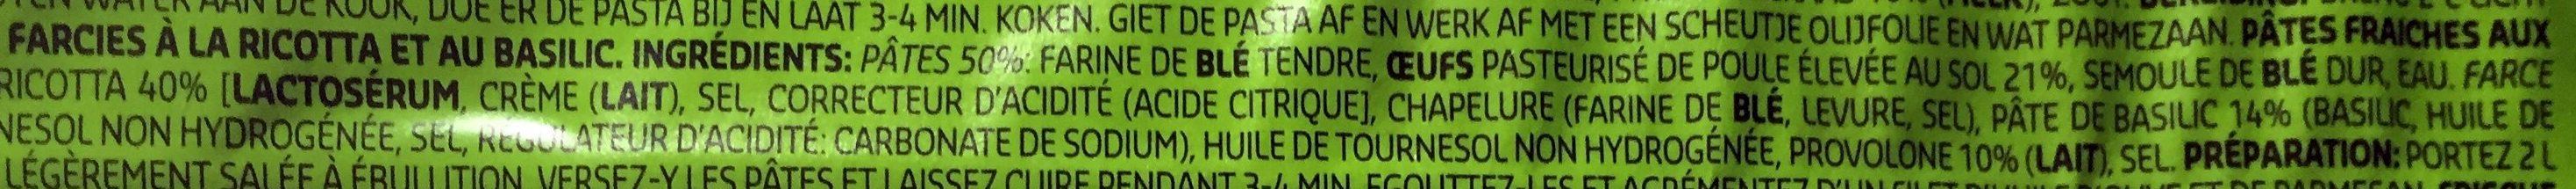 Tortelloni au basilic - Ingrédients - fr